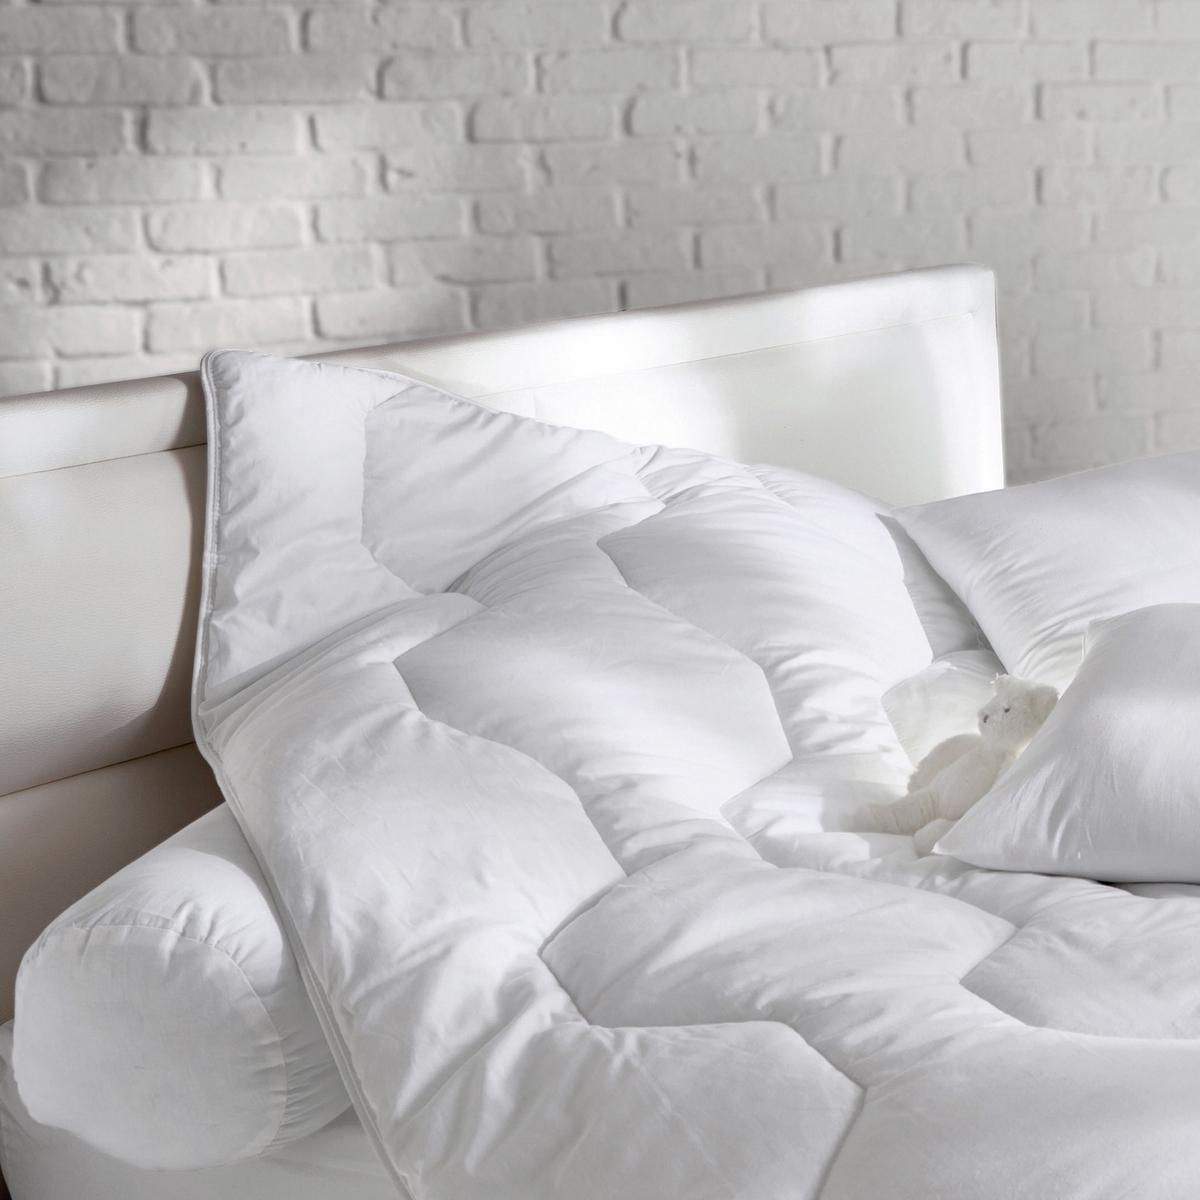 Подушка-валик, обработанная пропиткой против клещей от La Redoute